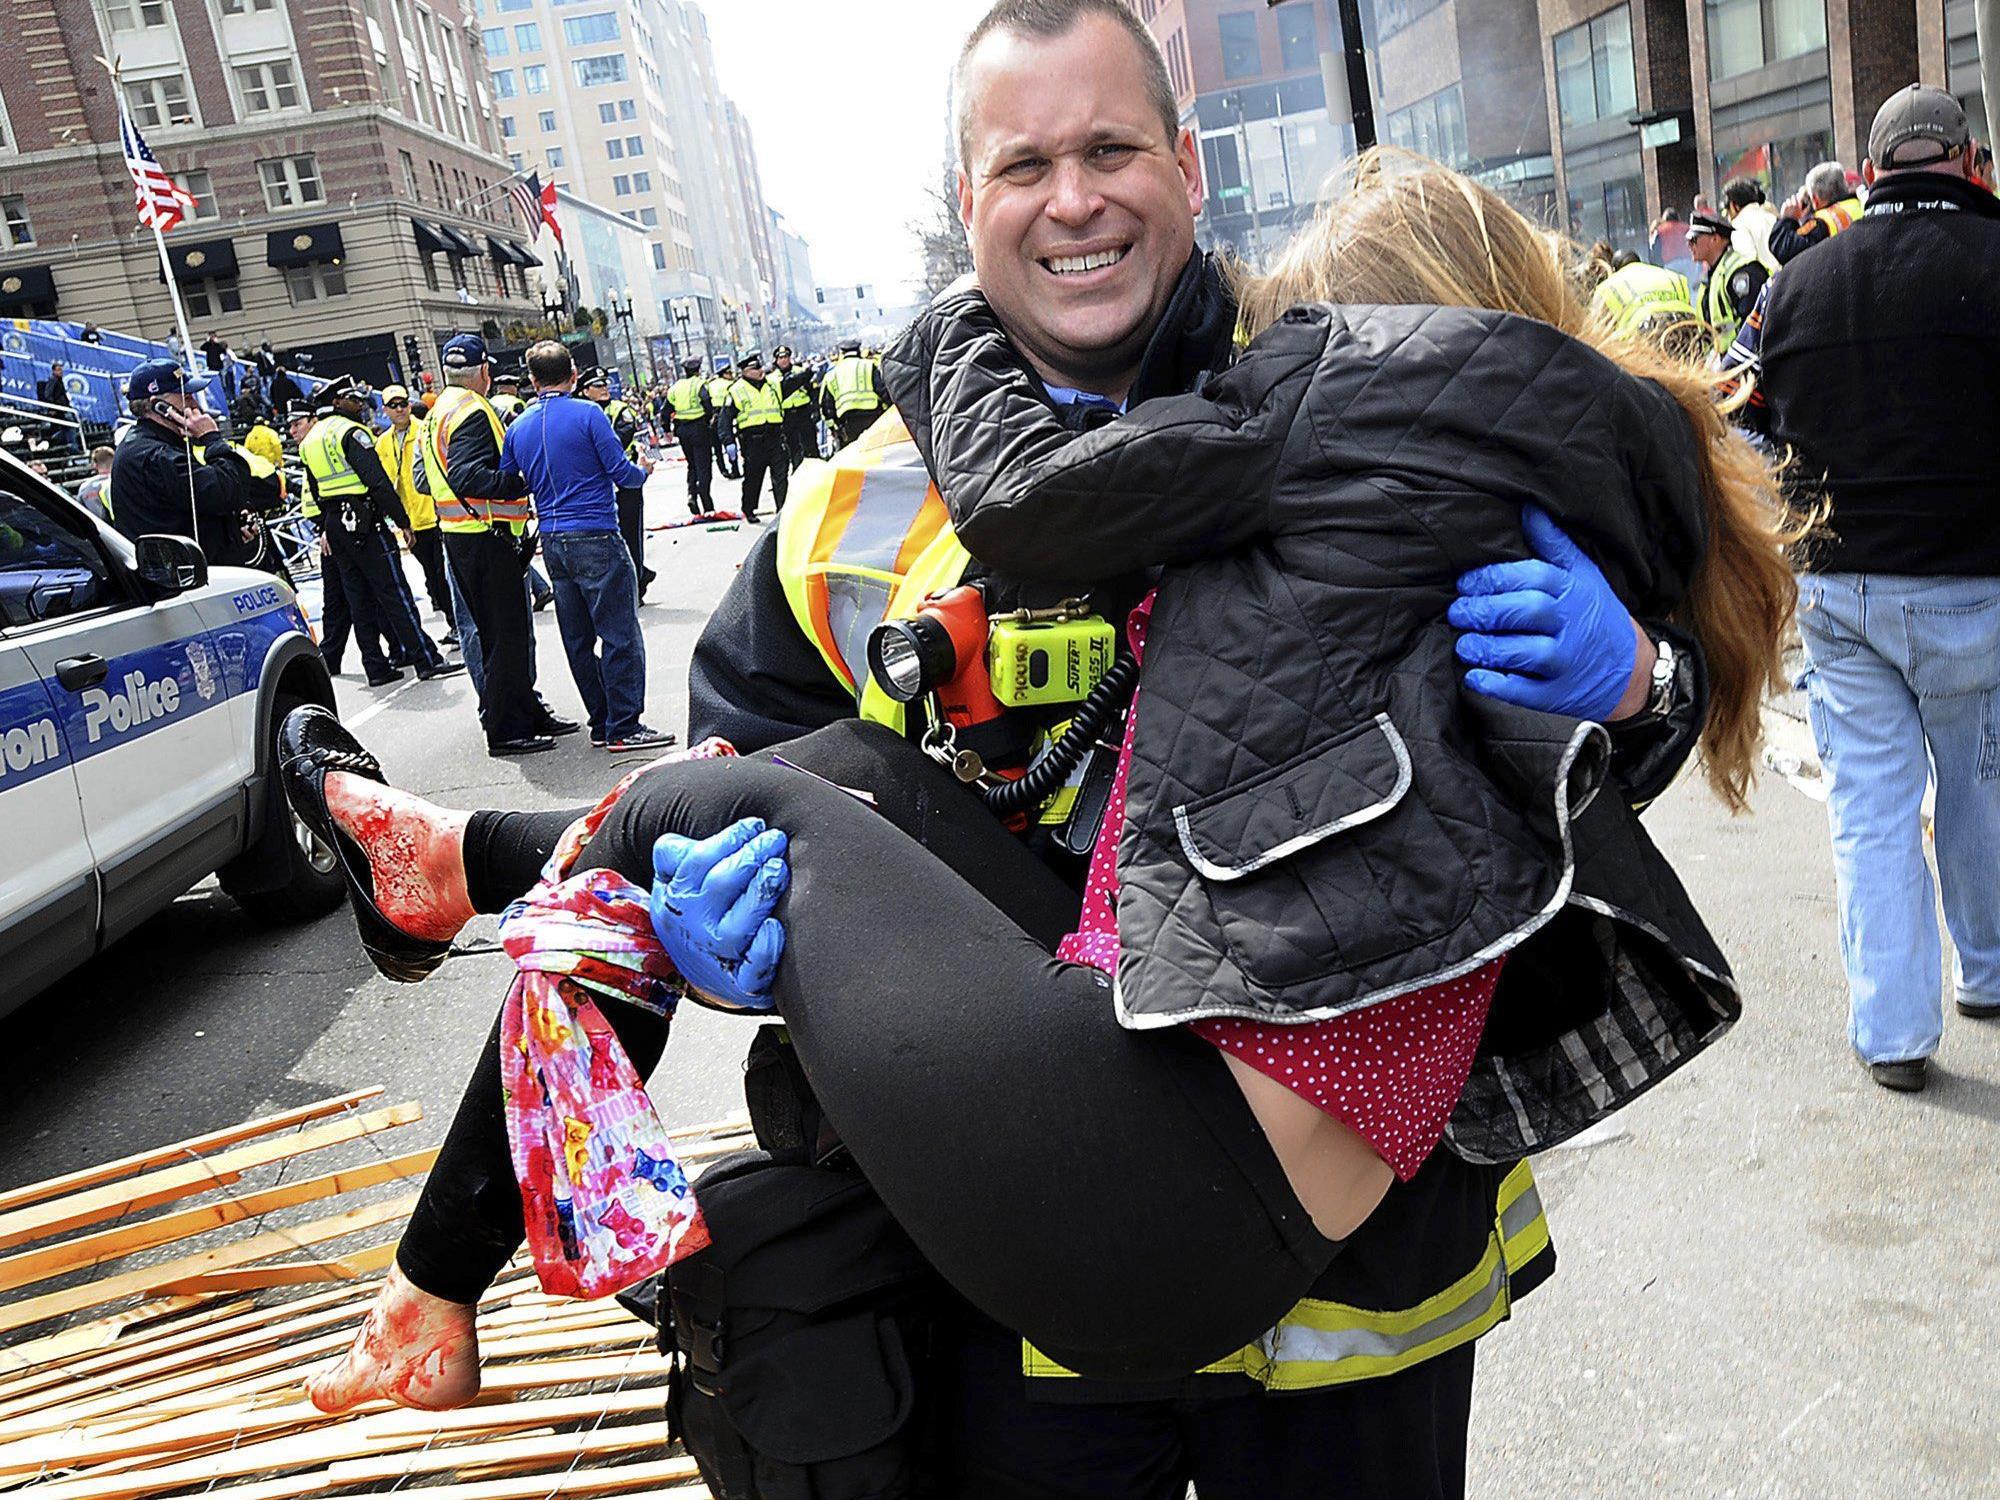 Bei dem Anschlag während des Boston-Marathons waren am Montag drei Menschen getötet und mehr als 180 verletzt worden.